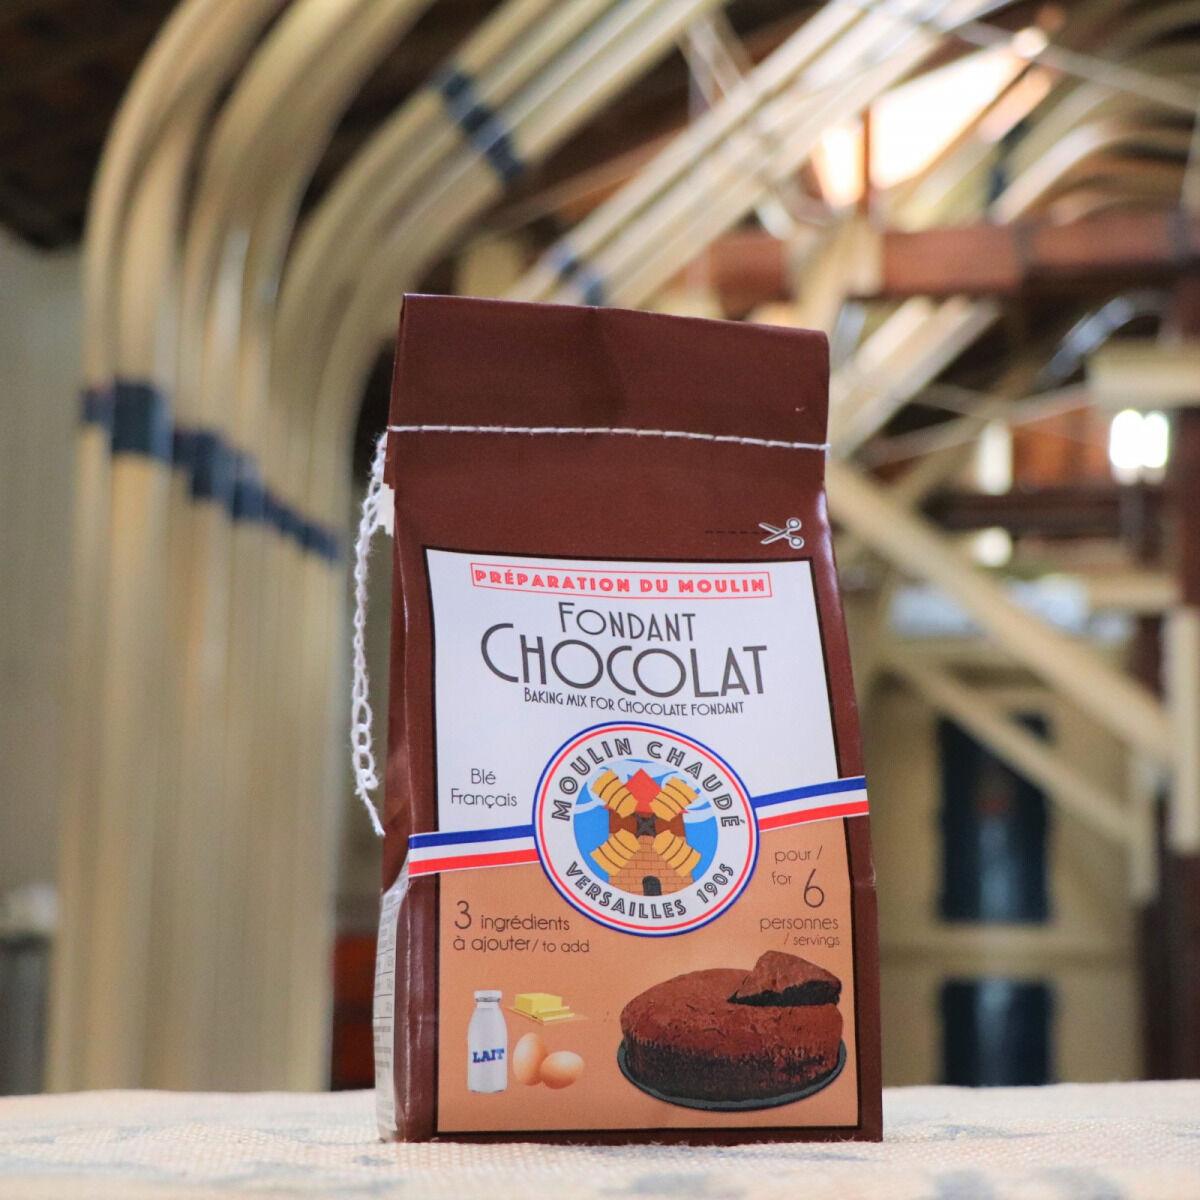 Moulins de Versailles Préparation Pour Fondant Au Chocolat - 375g